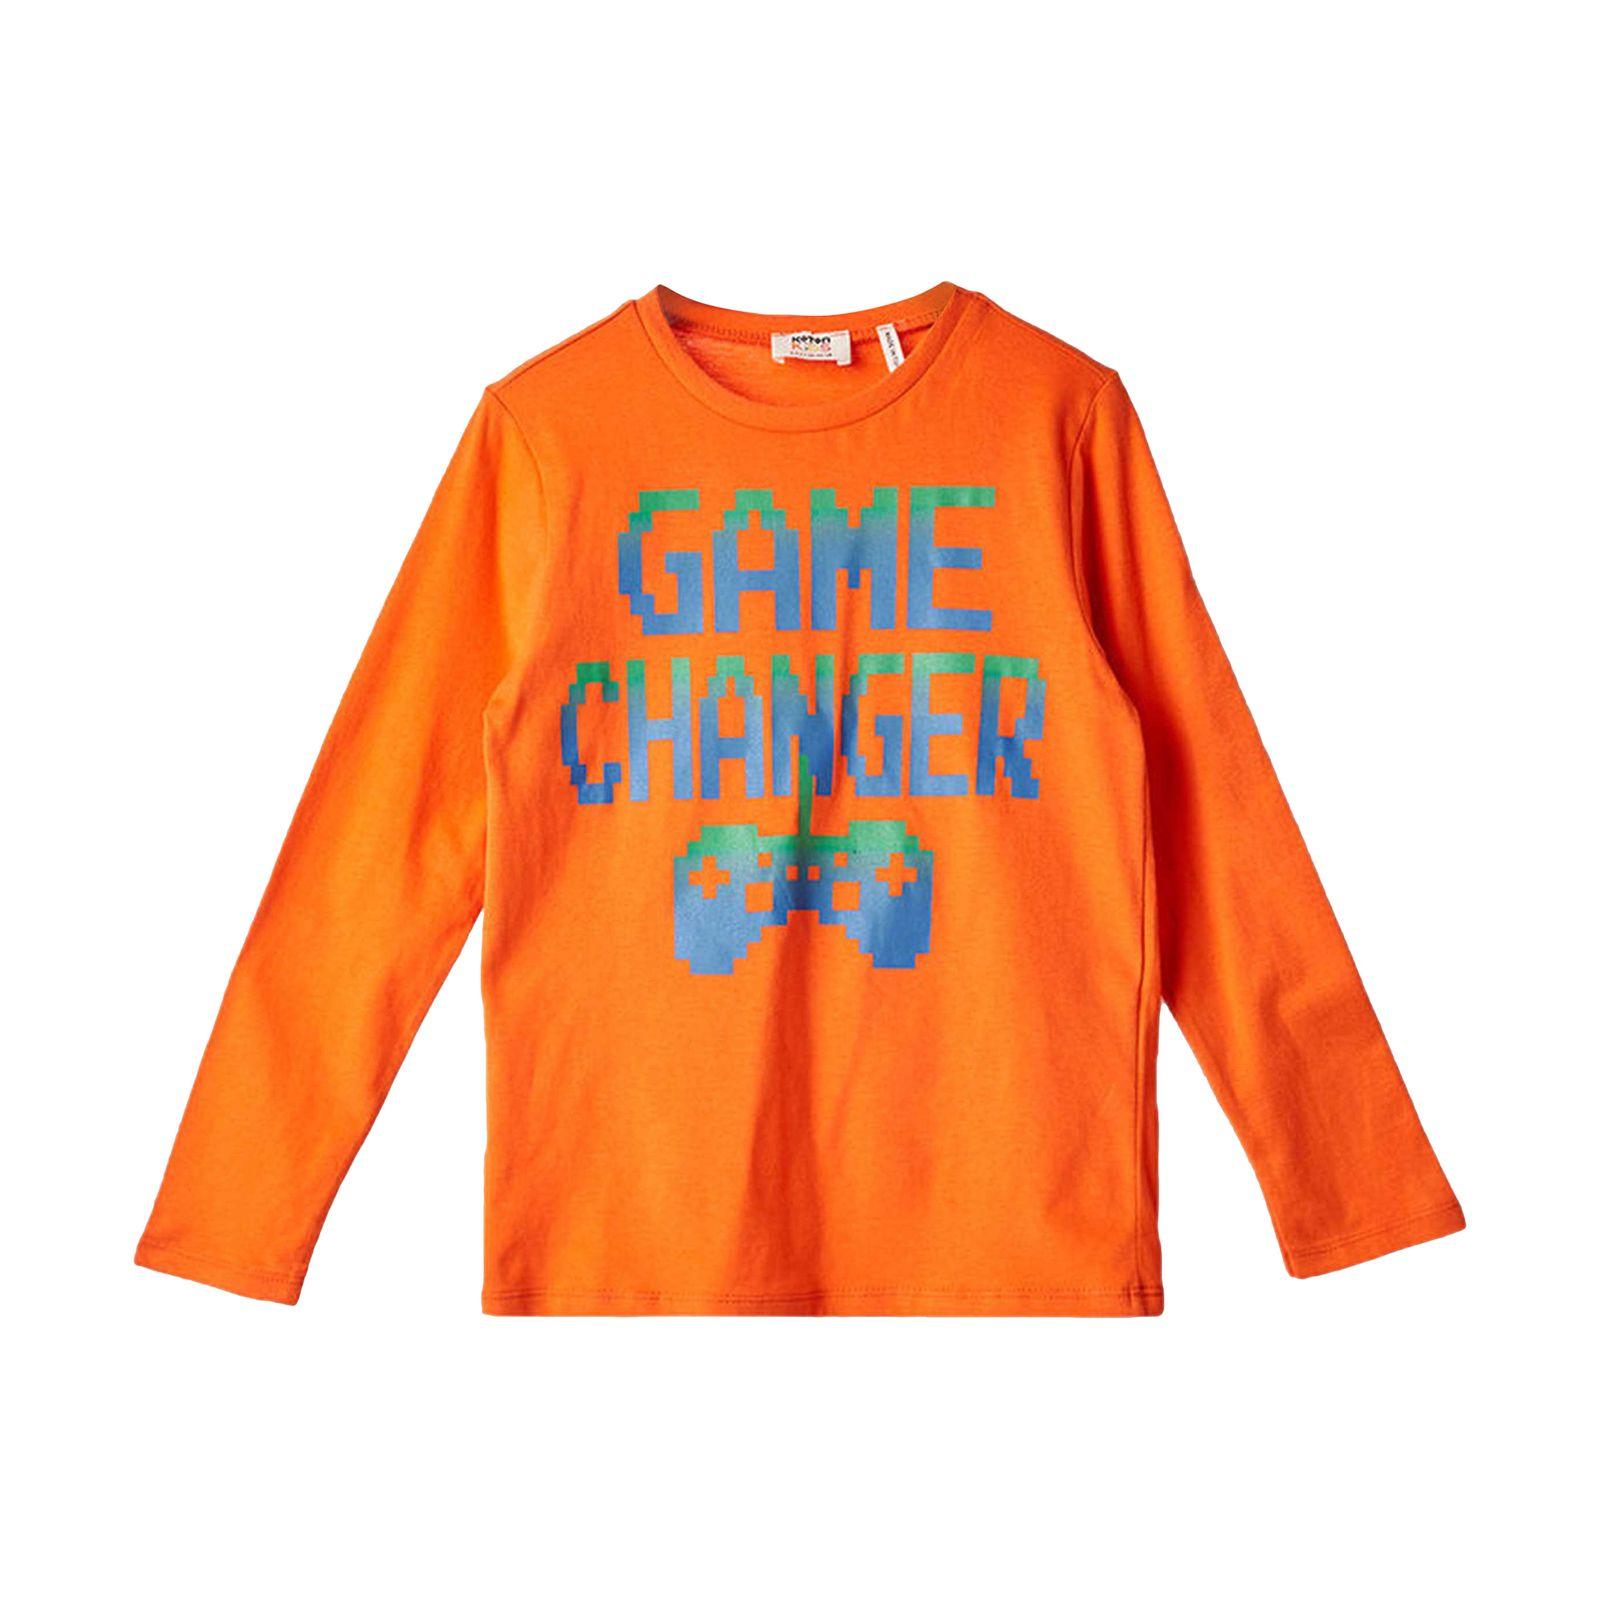 تی شرت پسرانه کوتون مدل 1kkb16802ok-23 -  - 3